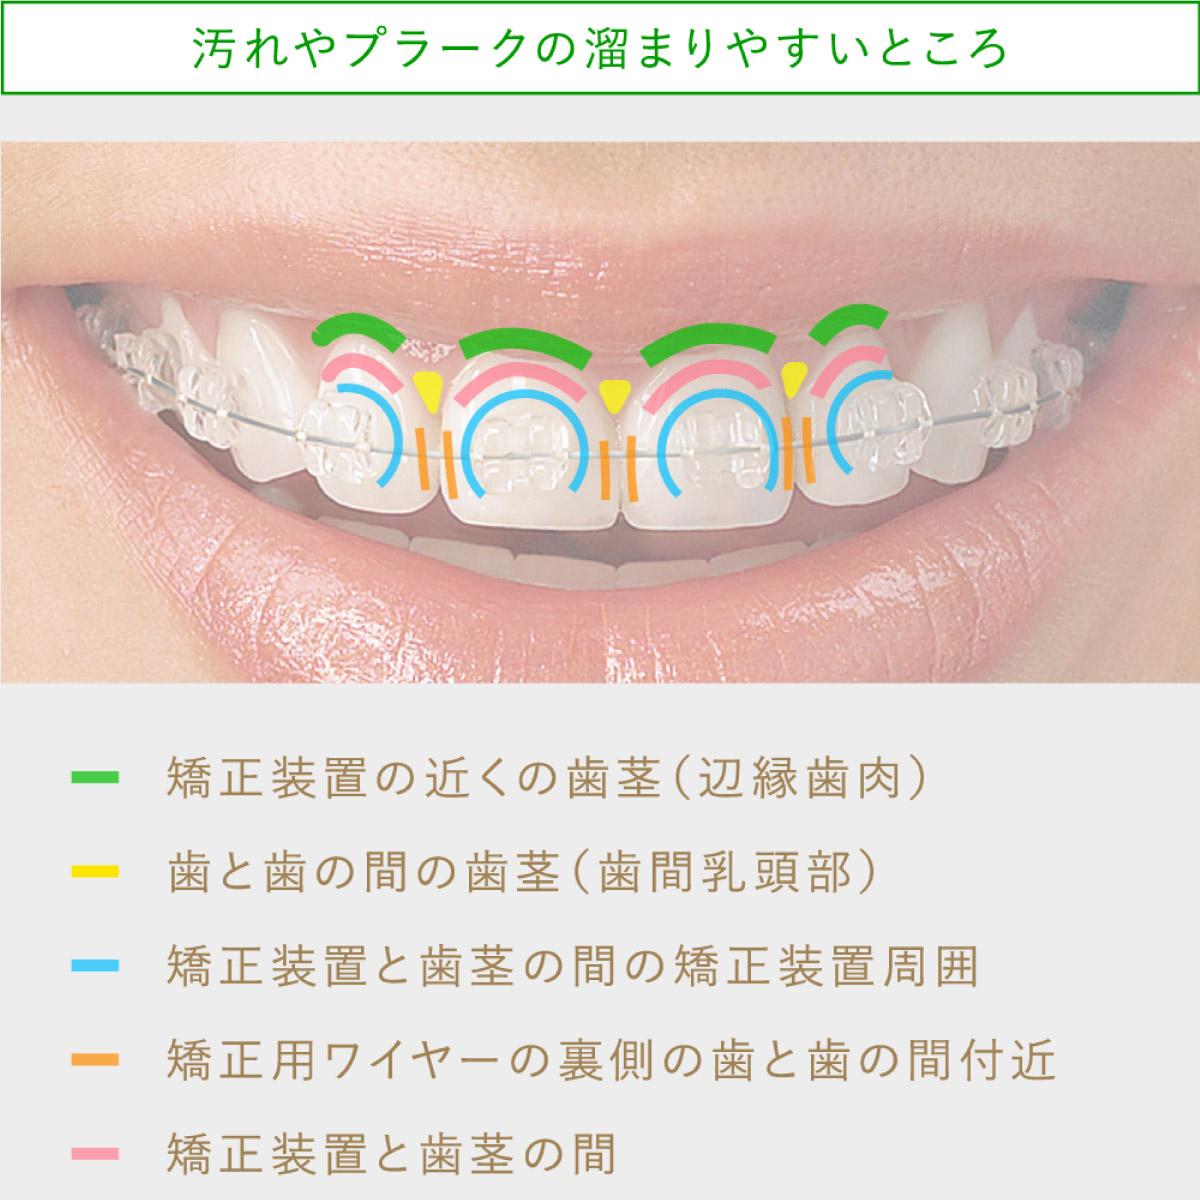 画像:通院毎に定期的な歯磨き指導